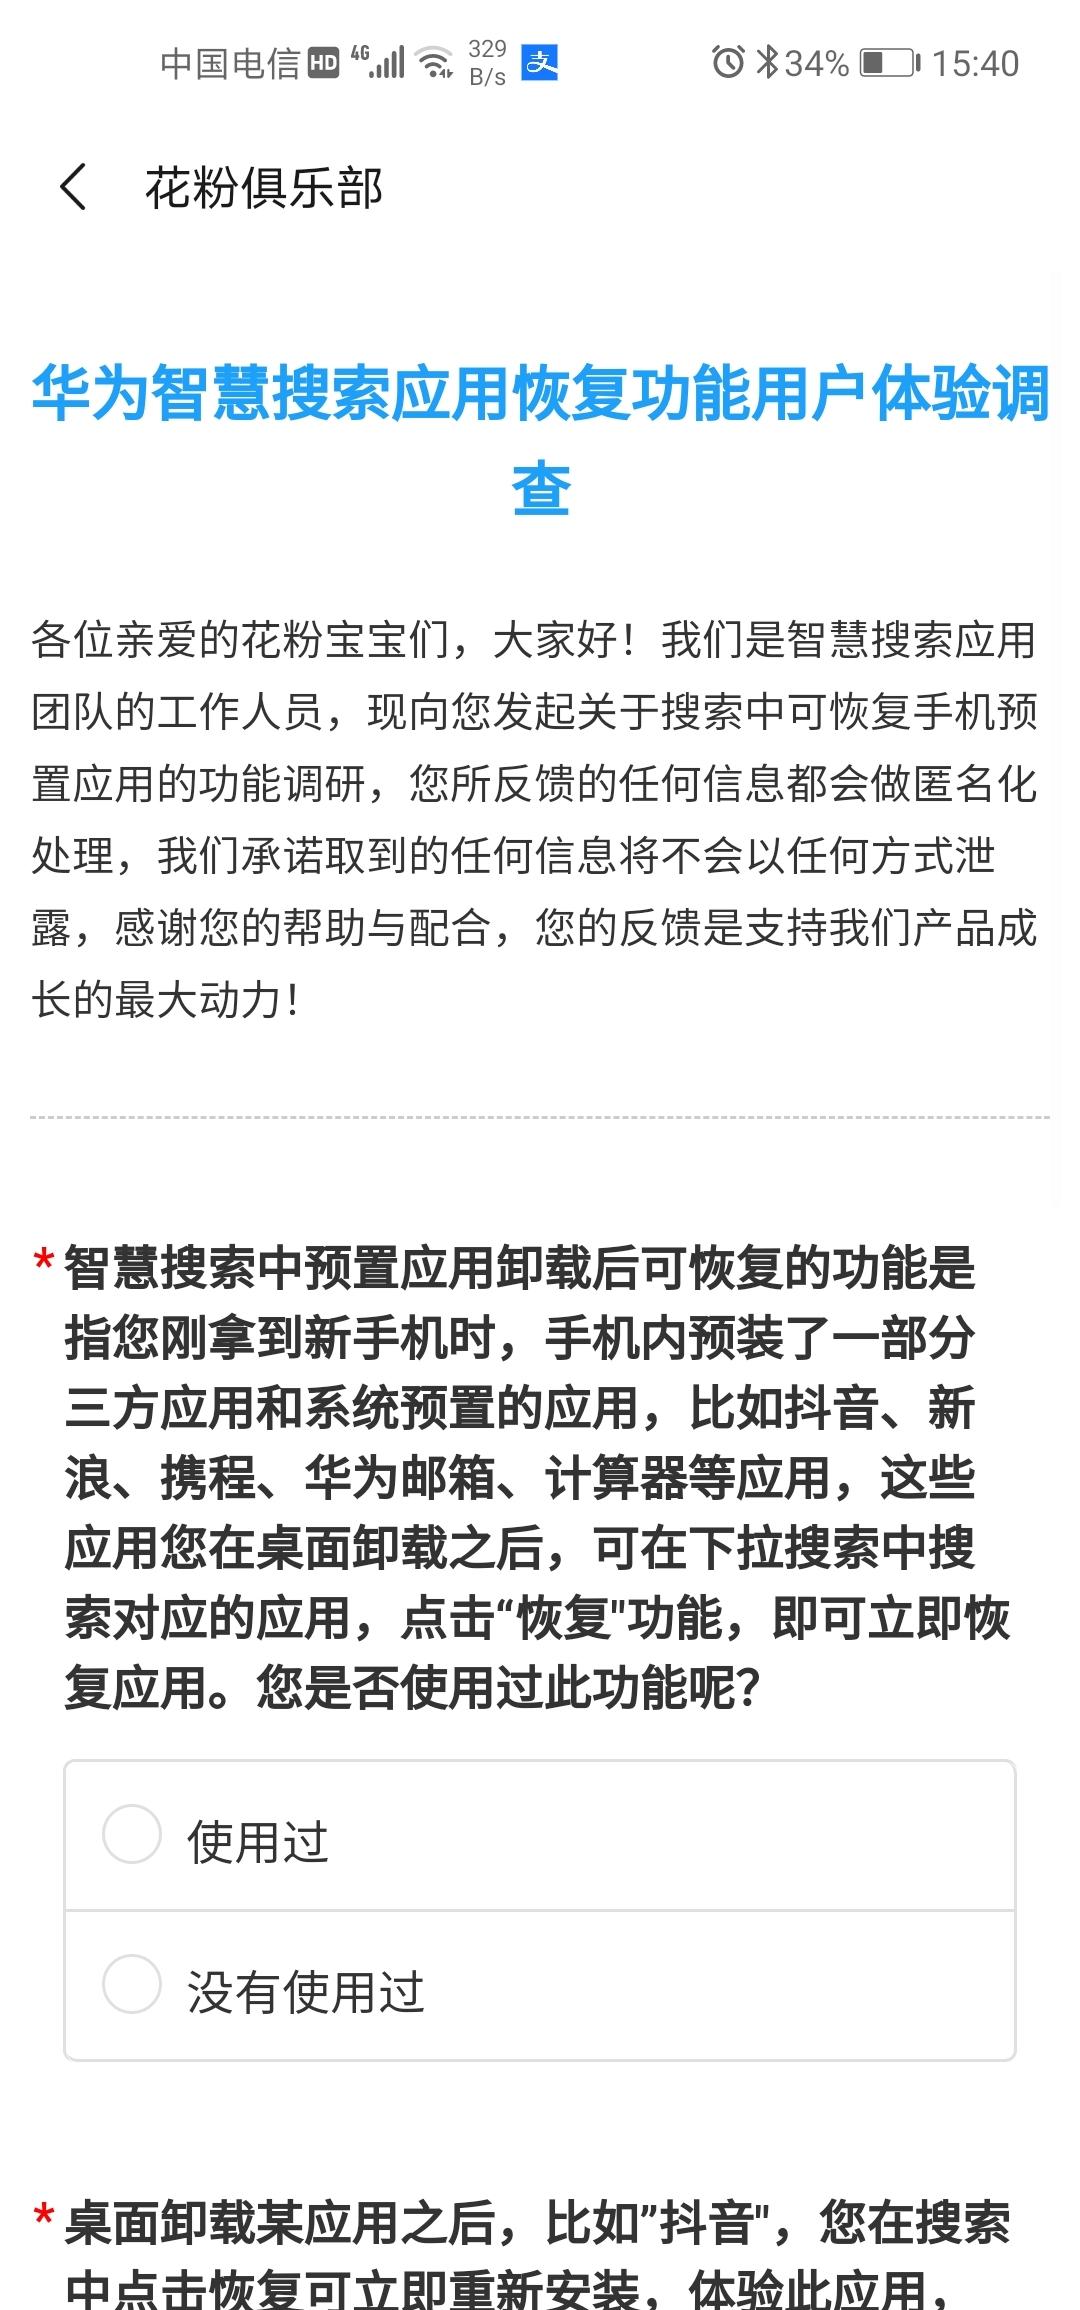 Screenshot_20200605_154041_com.huawei.fans.jpg